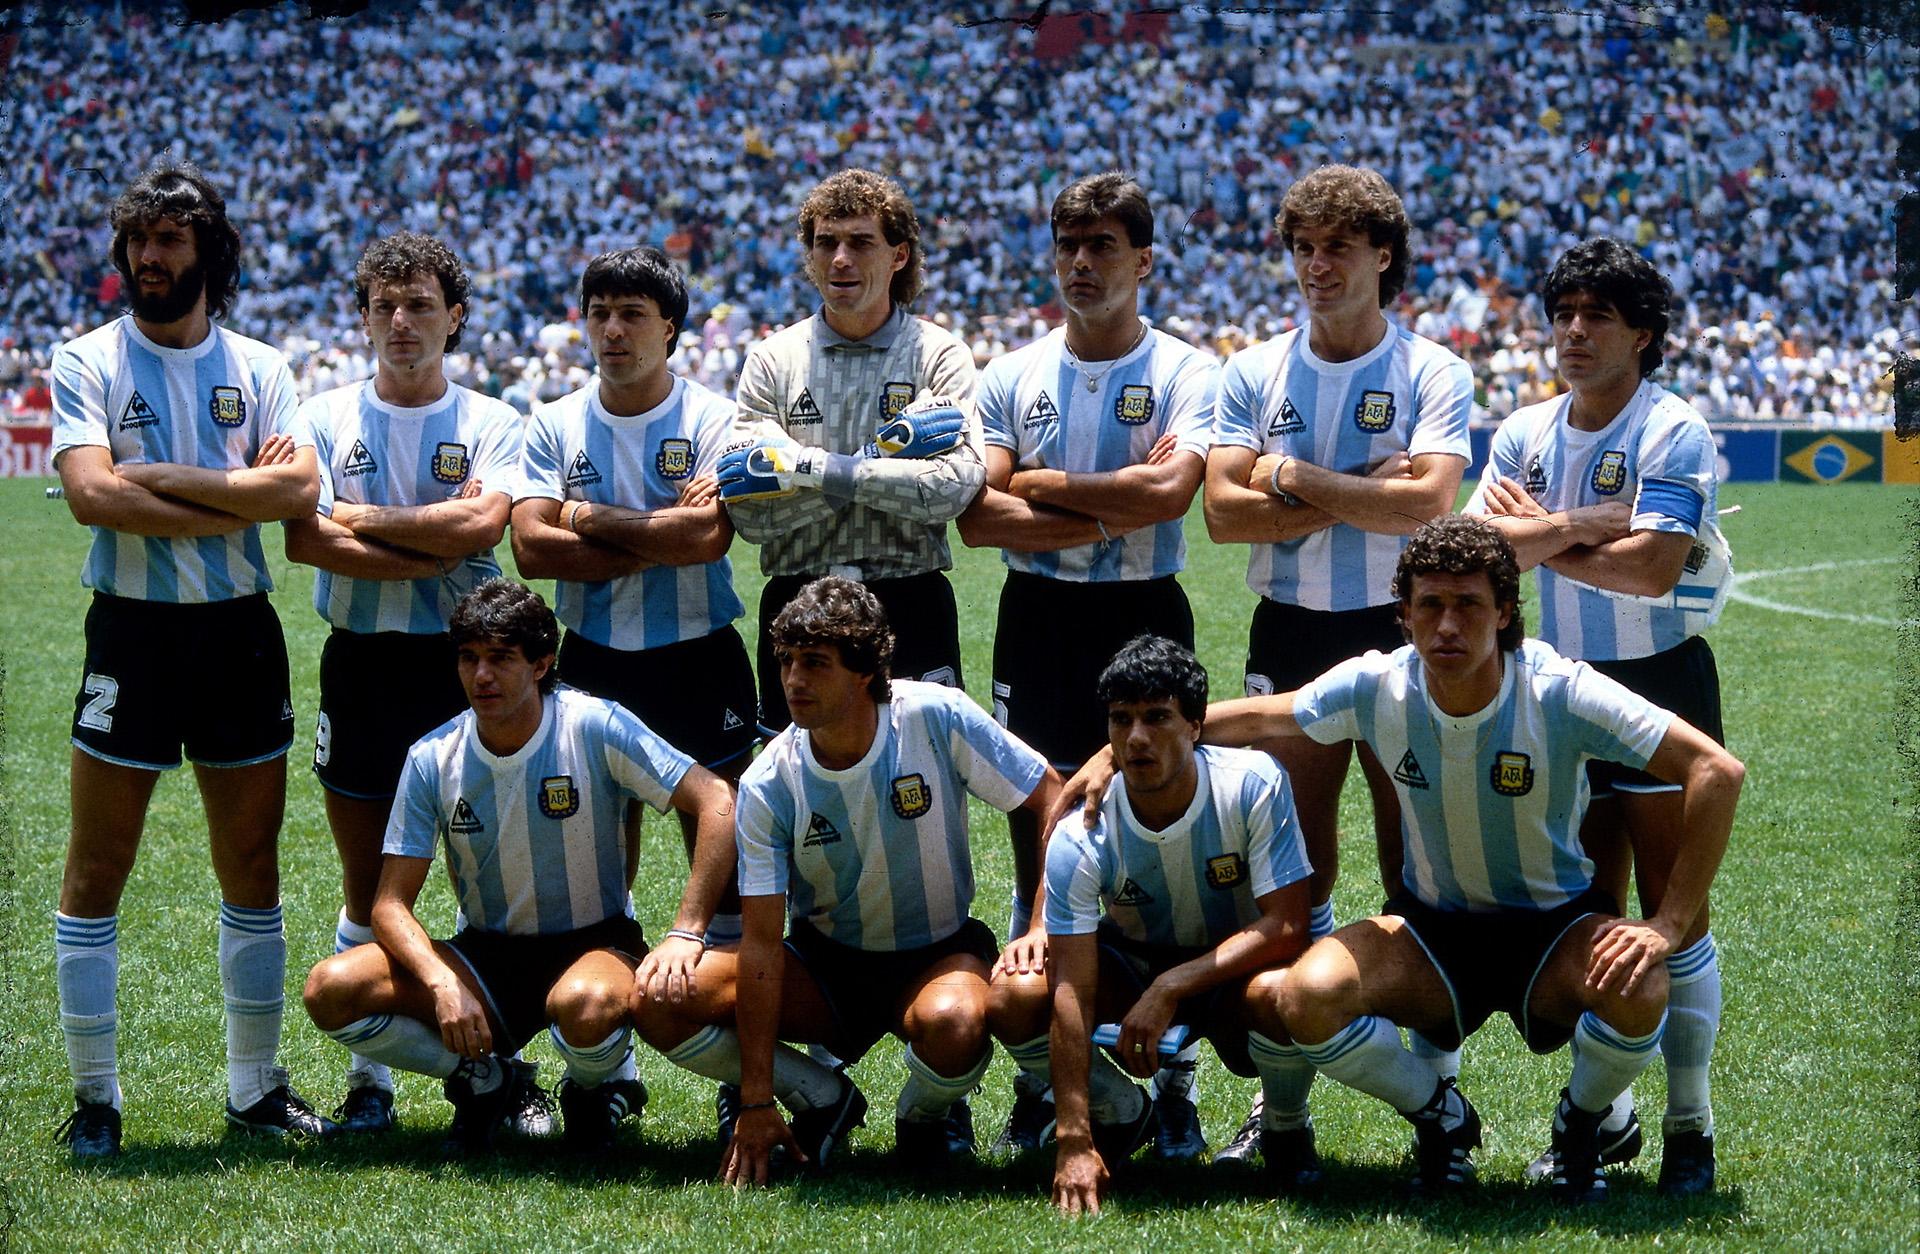 Batista, Cucciufo, Olarticoechea, Pumpido, Brown, Ruggeri, Maradona (parados), Burruchaga, Giusti, Henrique y Valdano (agachados) en la formación argentina